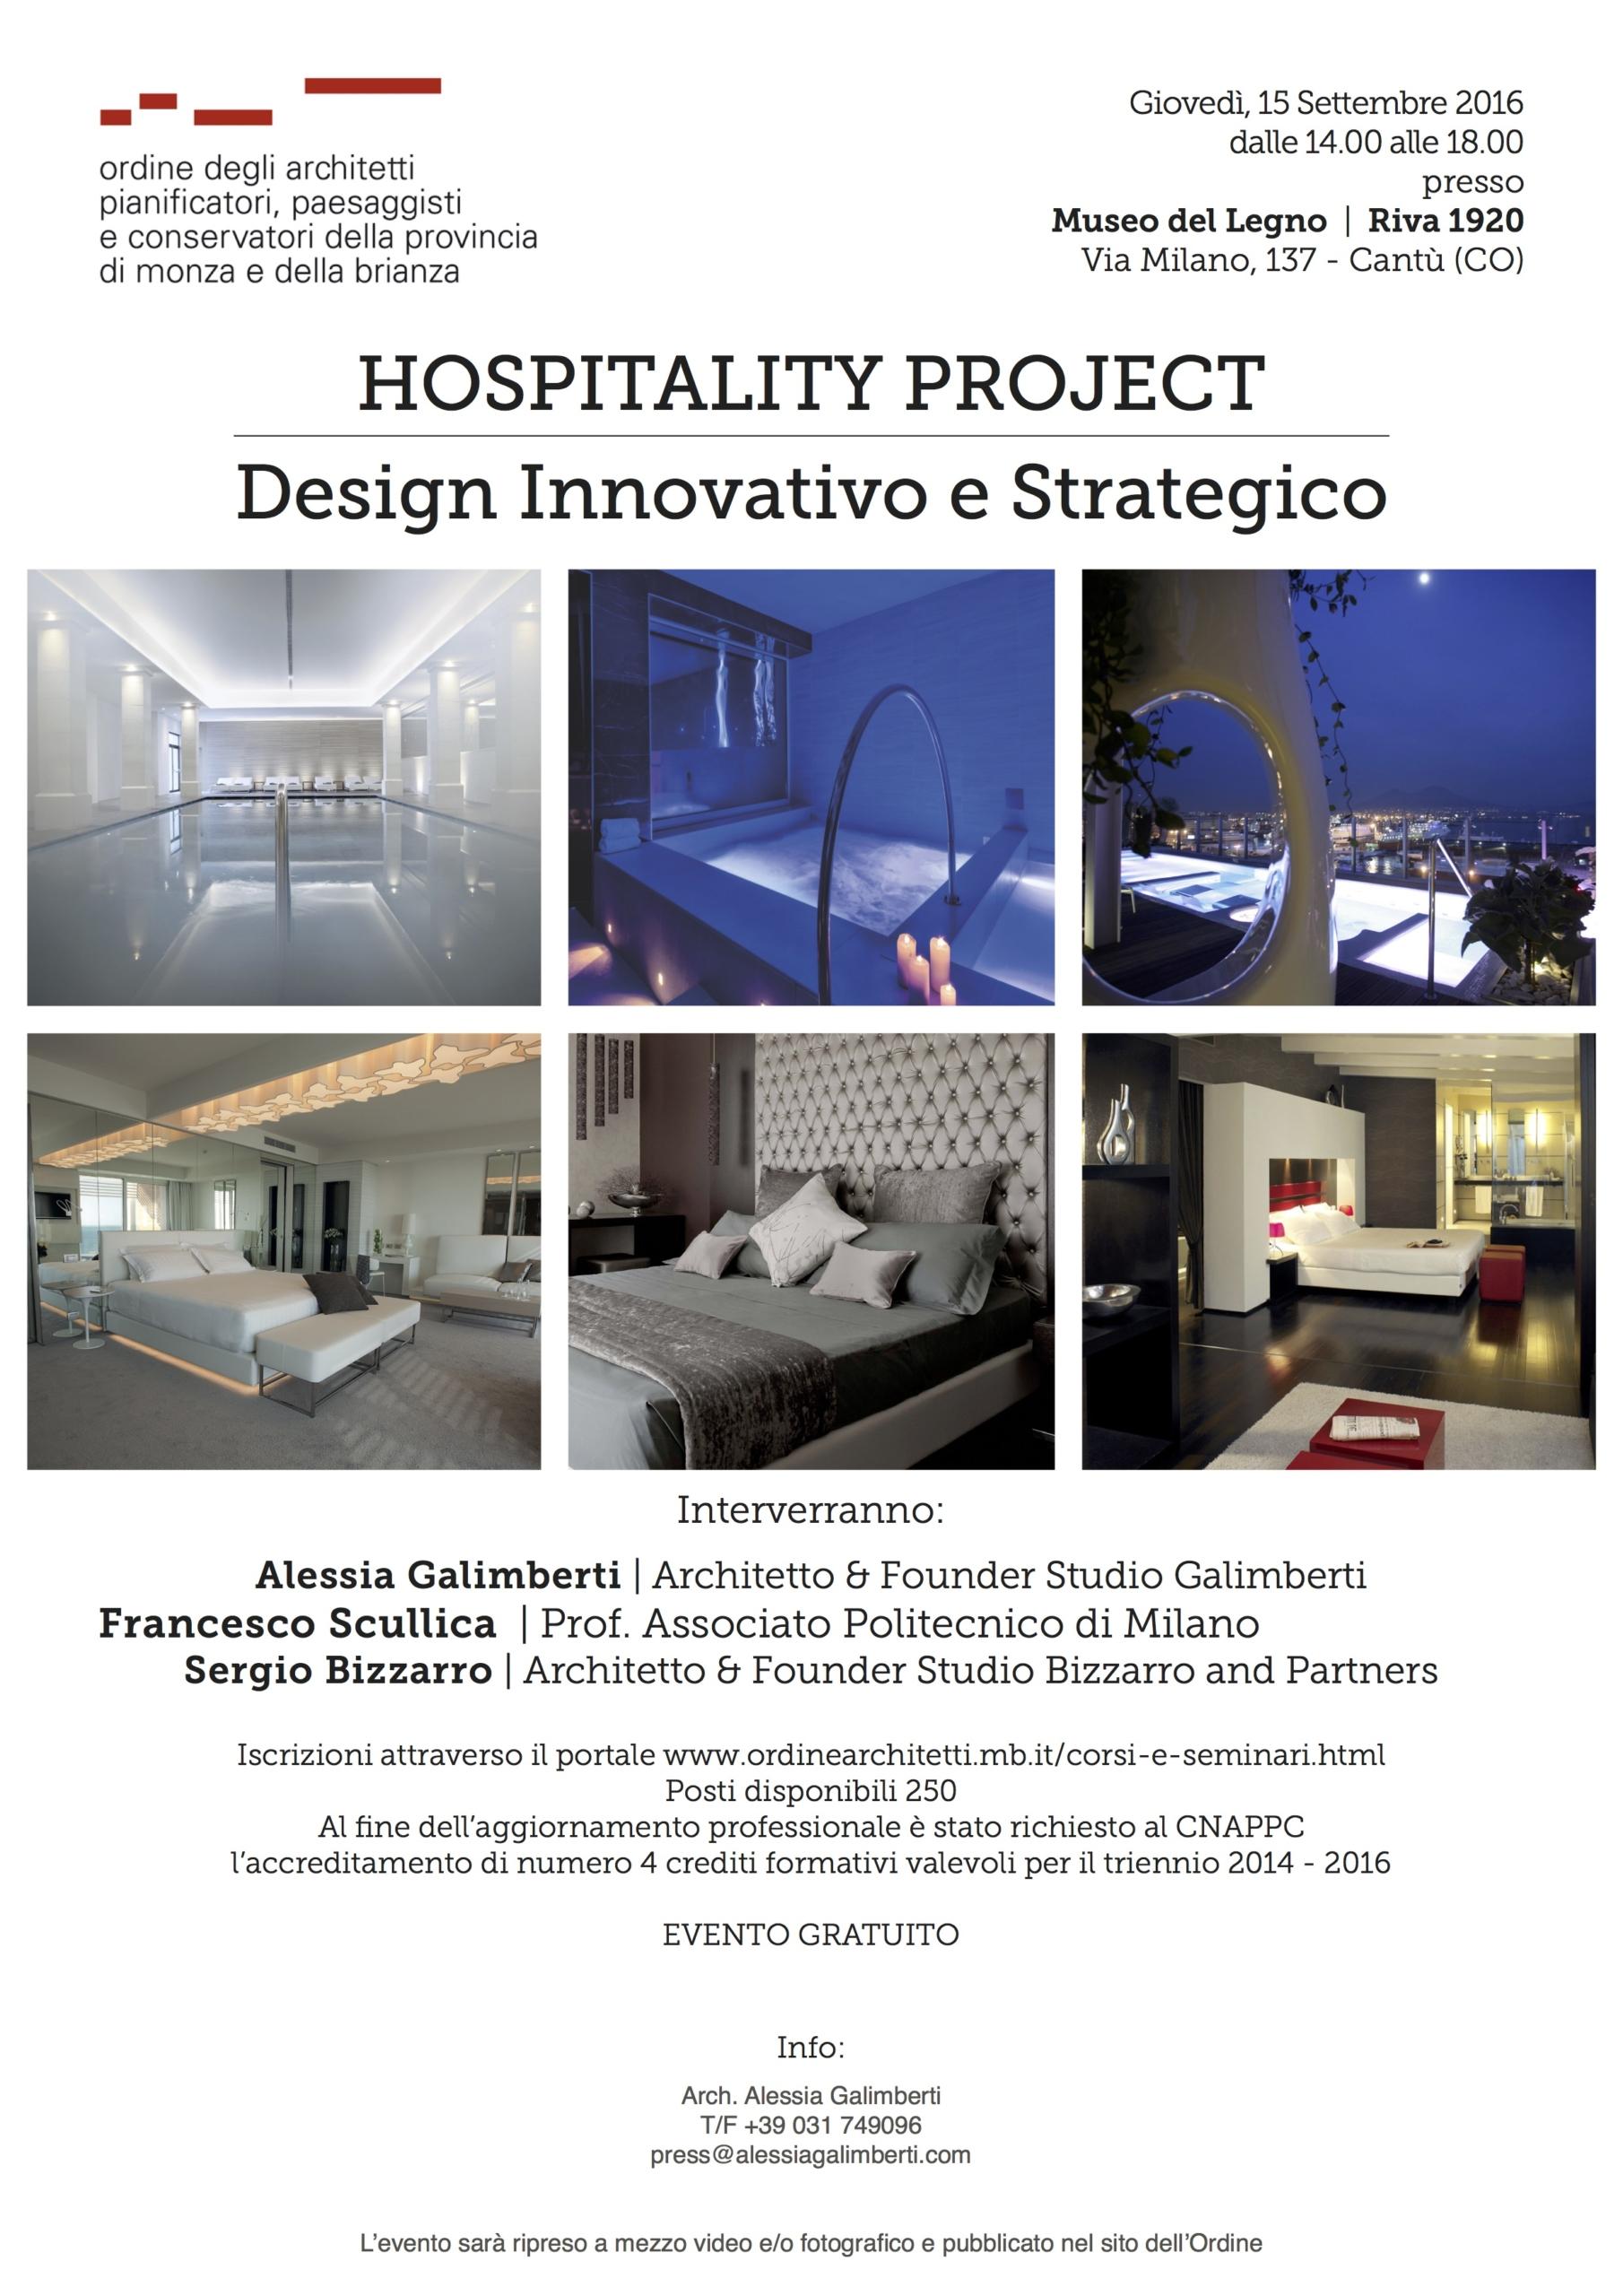 """Evento """"OSPITALITY PROJECT – Design Innovativo e Strategico"""""""